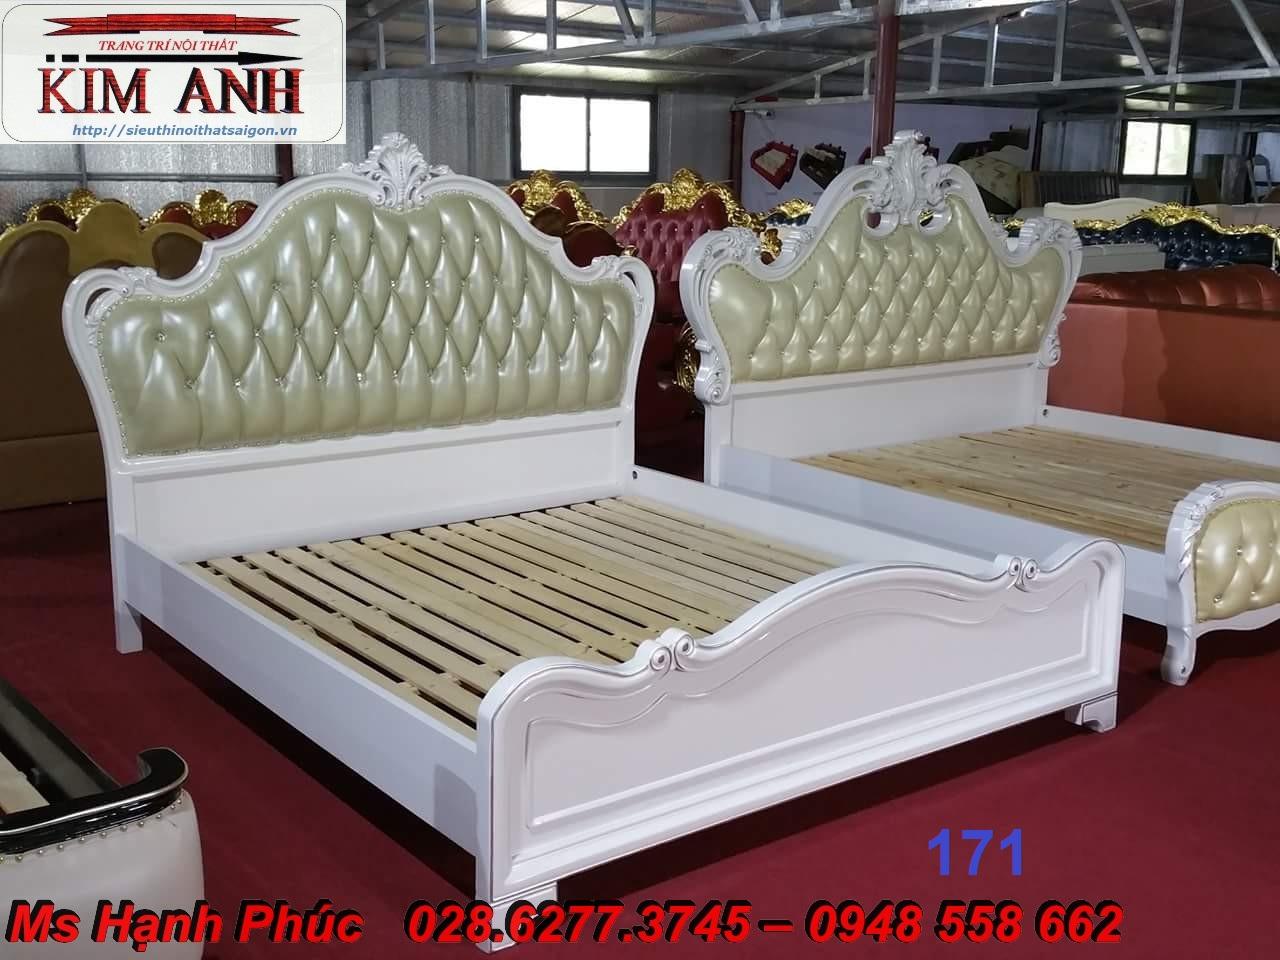 11 Nơi bán giường ngủ cổ điển chính hãng sản xuất tại xưởng giá rẻ nhất gò vấp, bình dương